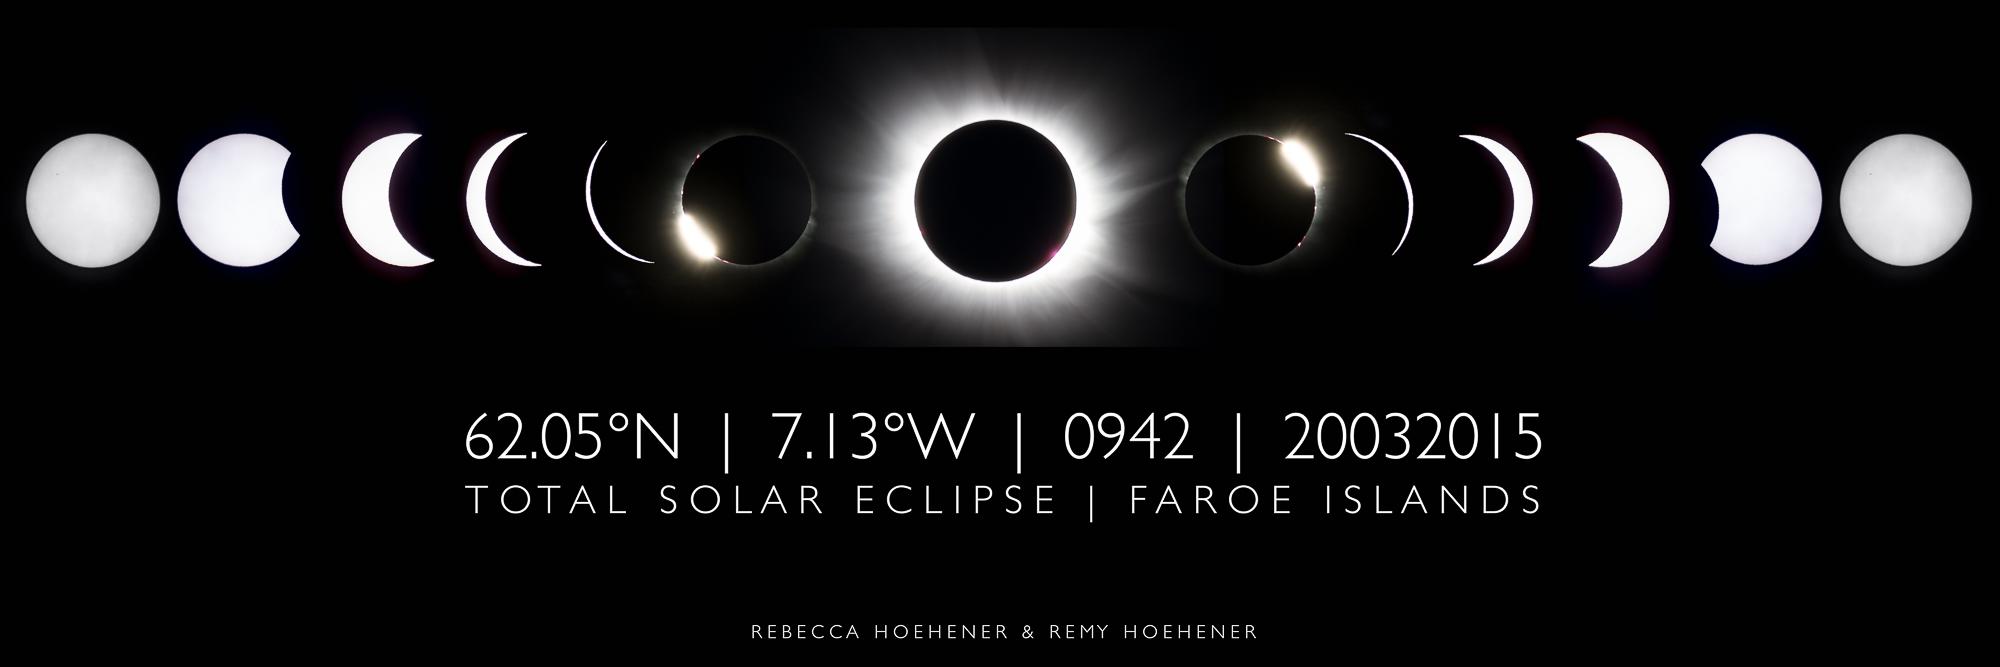 Total Solar Eclipse Faroe Islands-2.jpg